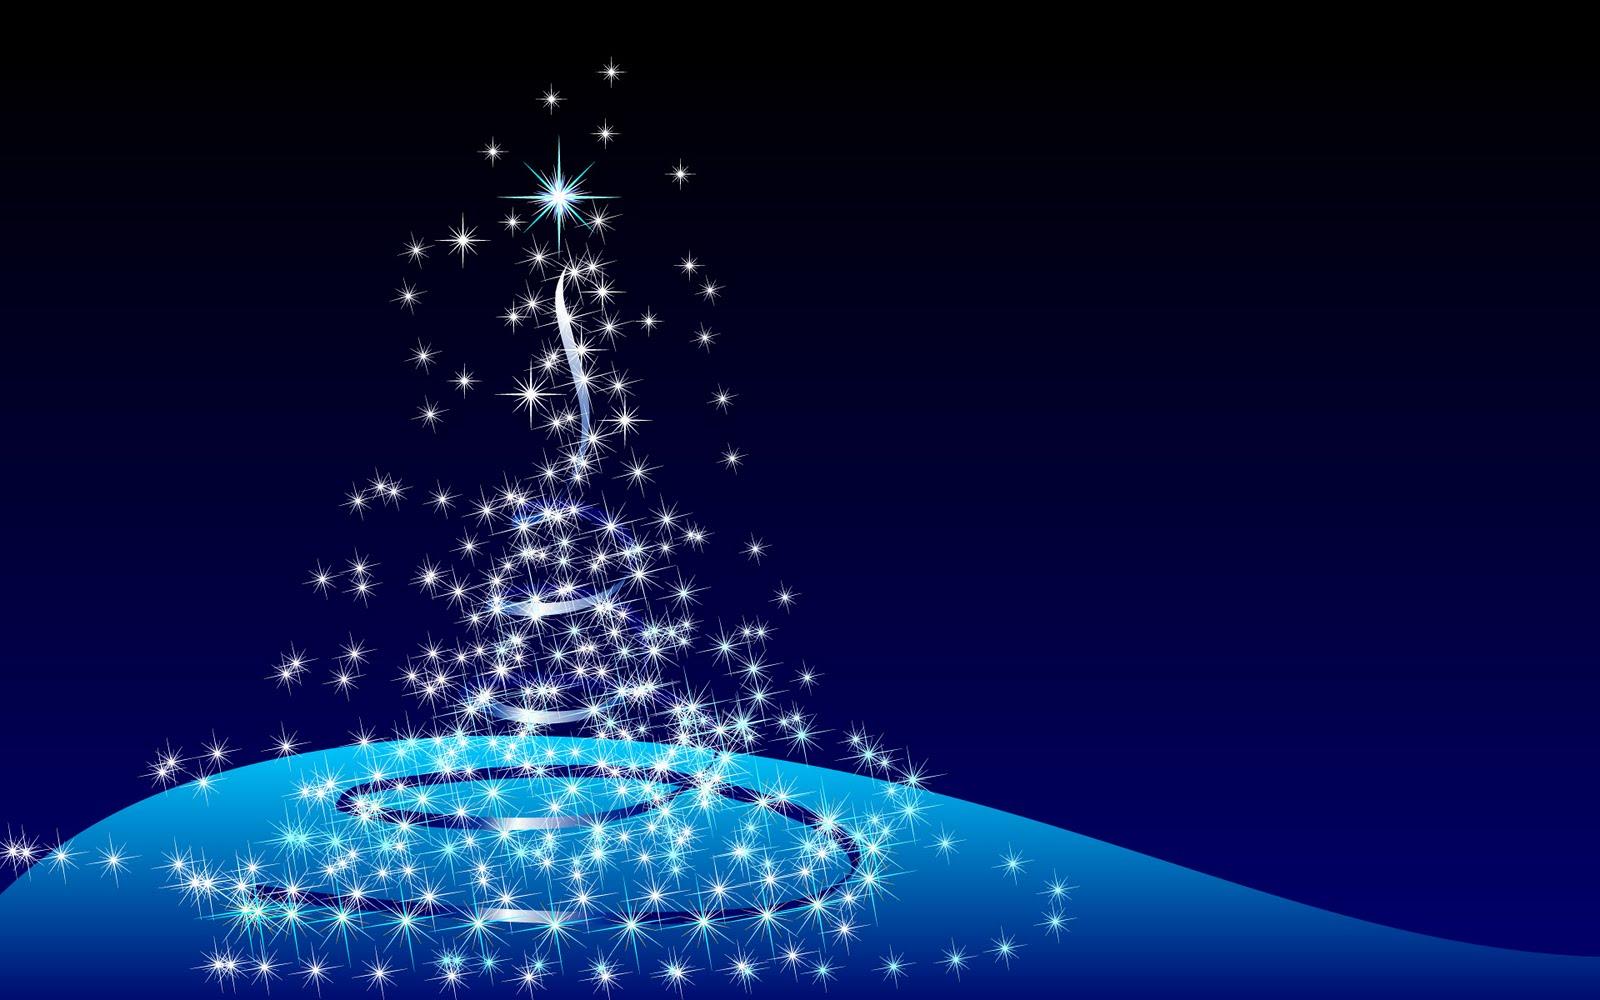 Imagem de fundo árvore de natal estilizada em tons azuis